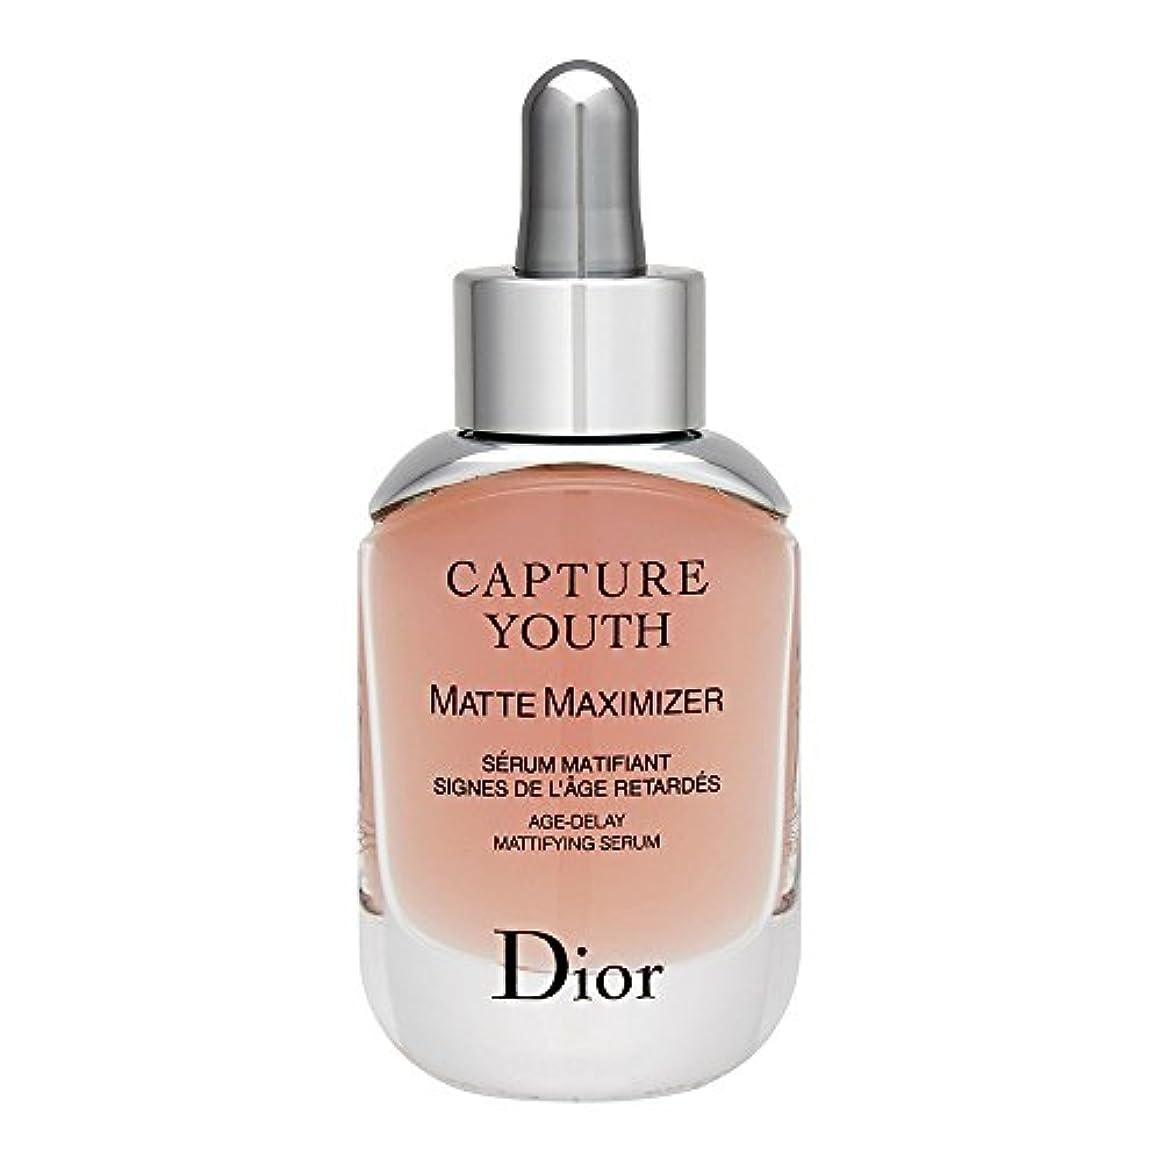 汚染されたくるくるセンチメートルクリスチャンディオール Christian Dior カプチュール ユース マット マキシマイザー 30mL [並行輸入品]